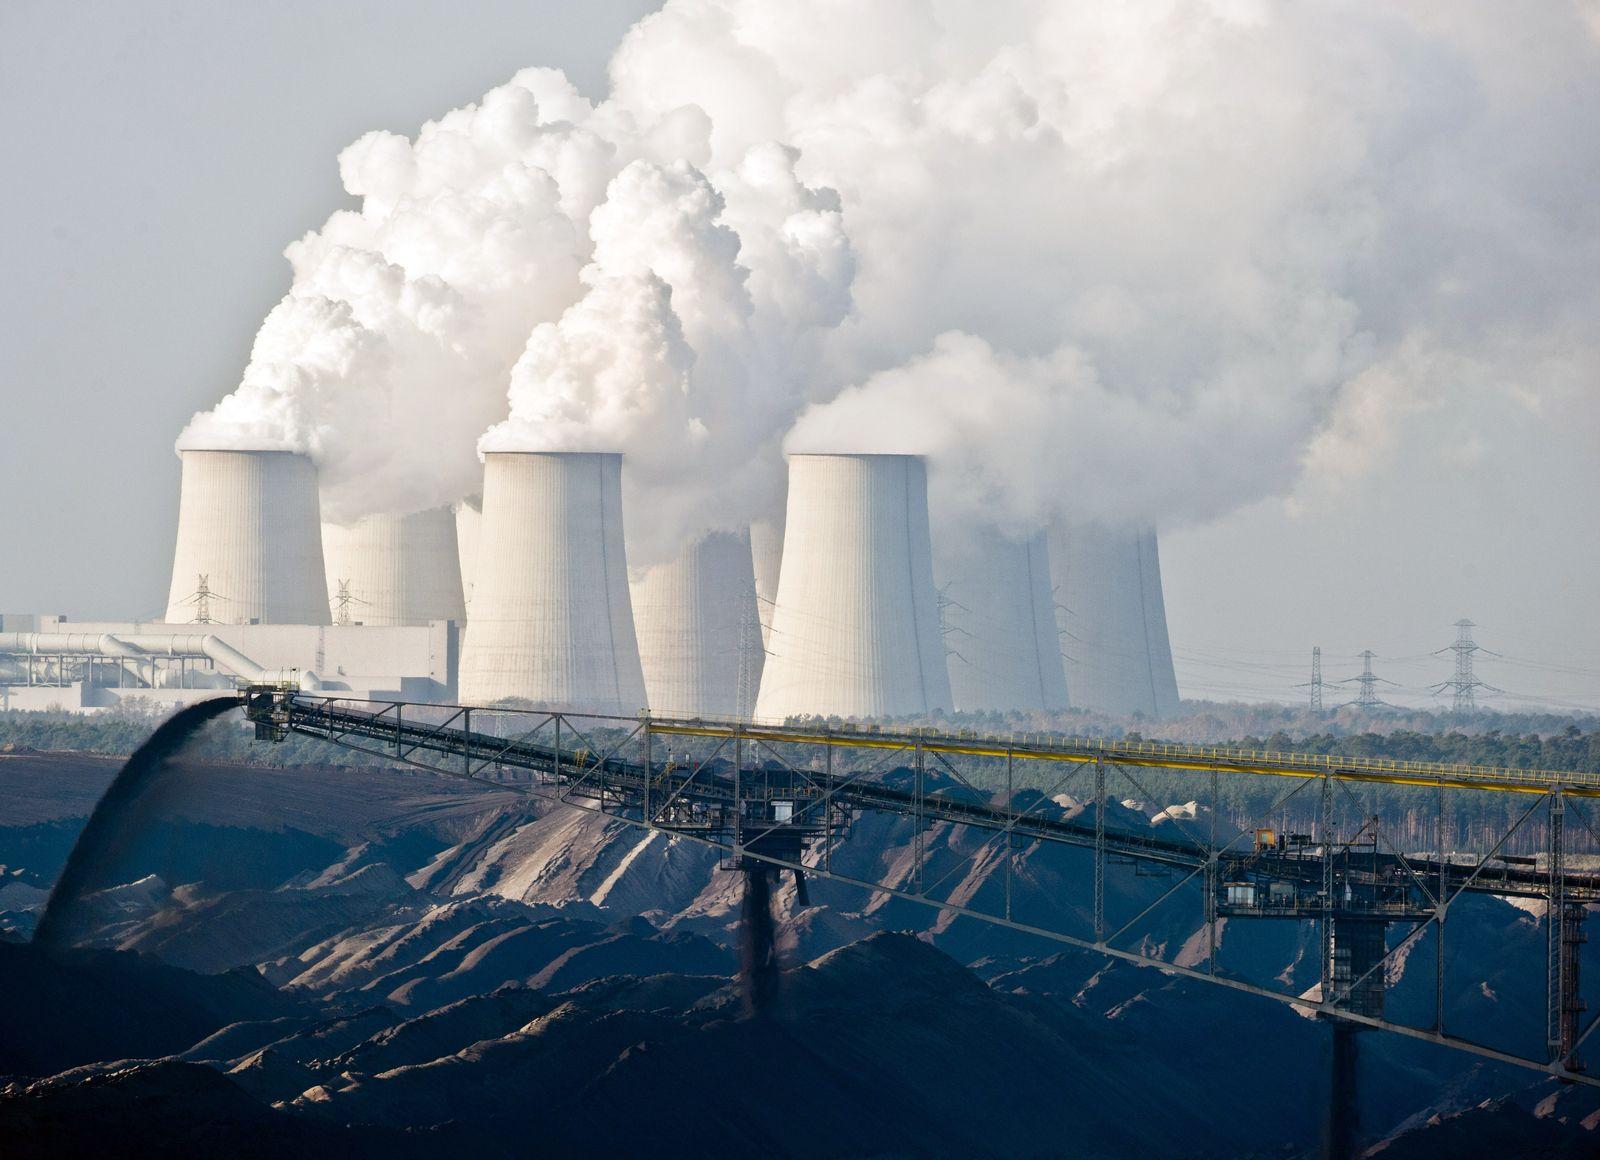 Kraftwerk Jänschwalde / Emission / Klimawandel / Kraftwerk / Kohlekraftwerk / CO2